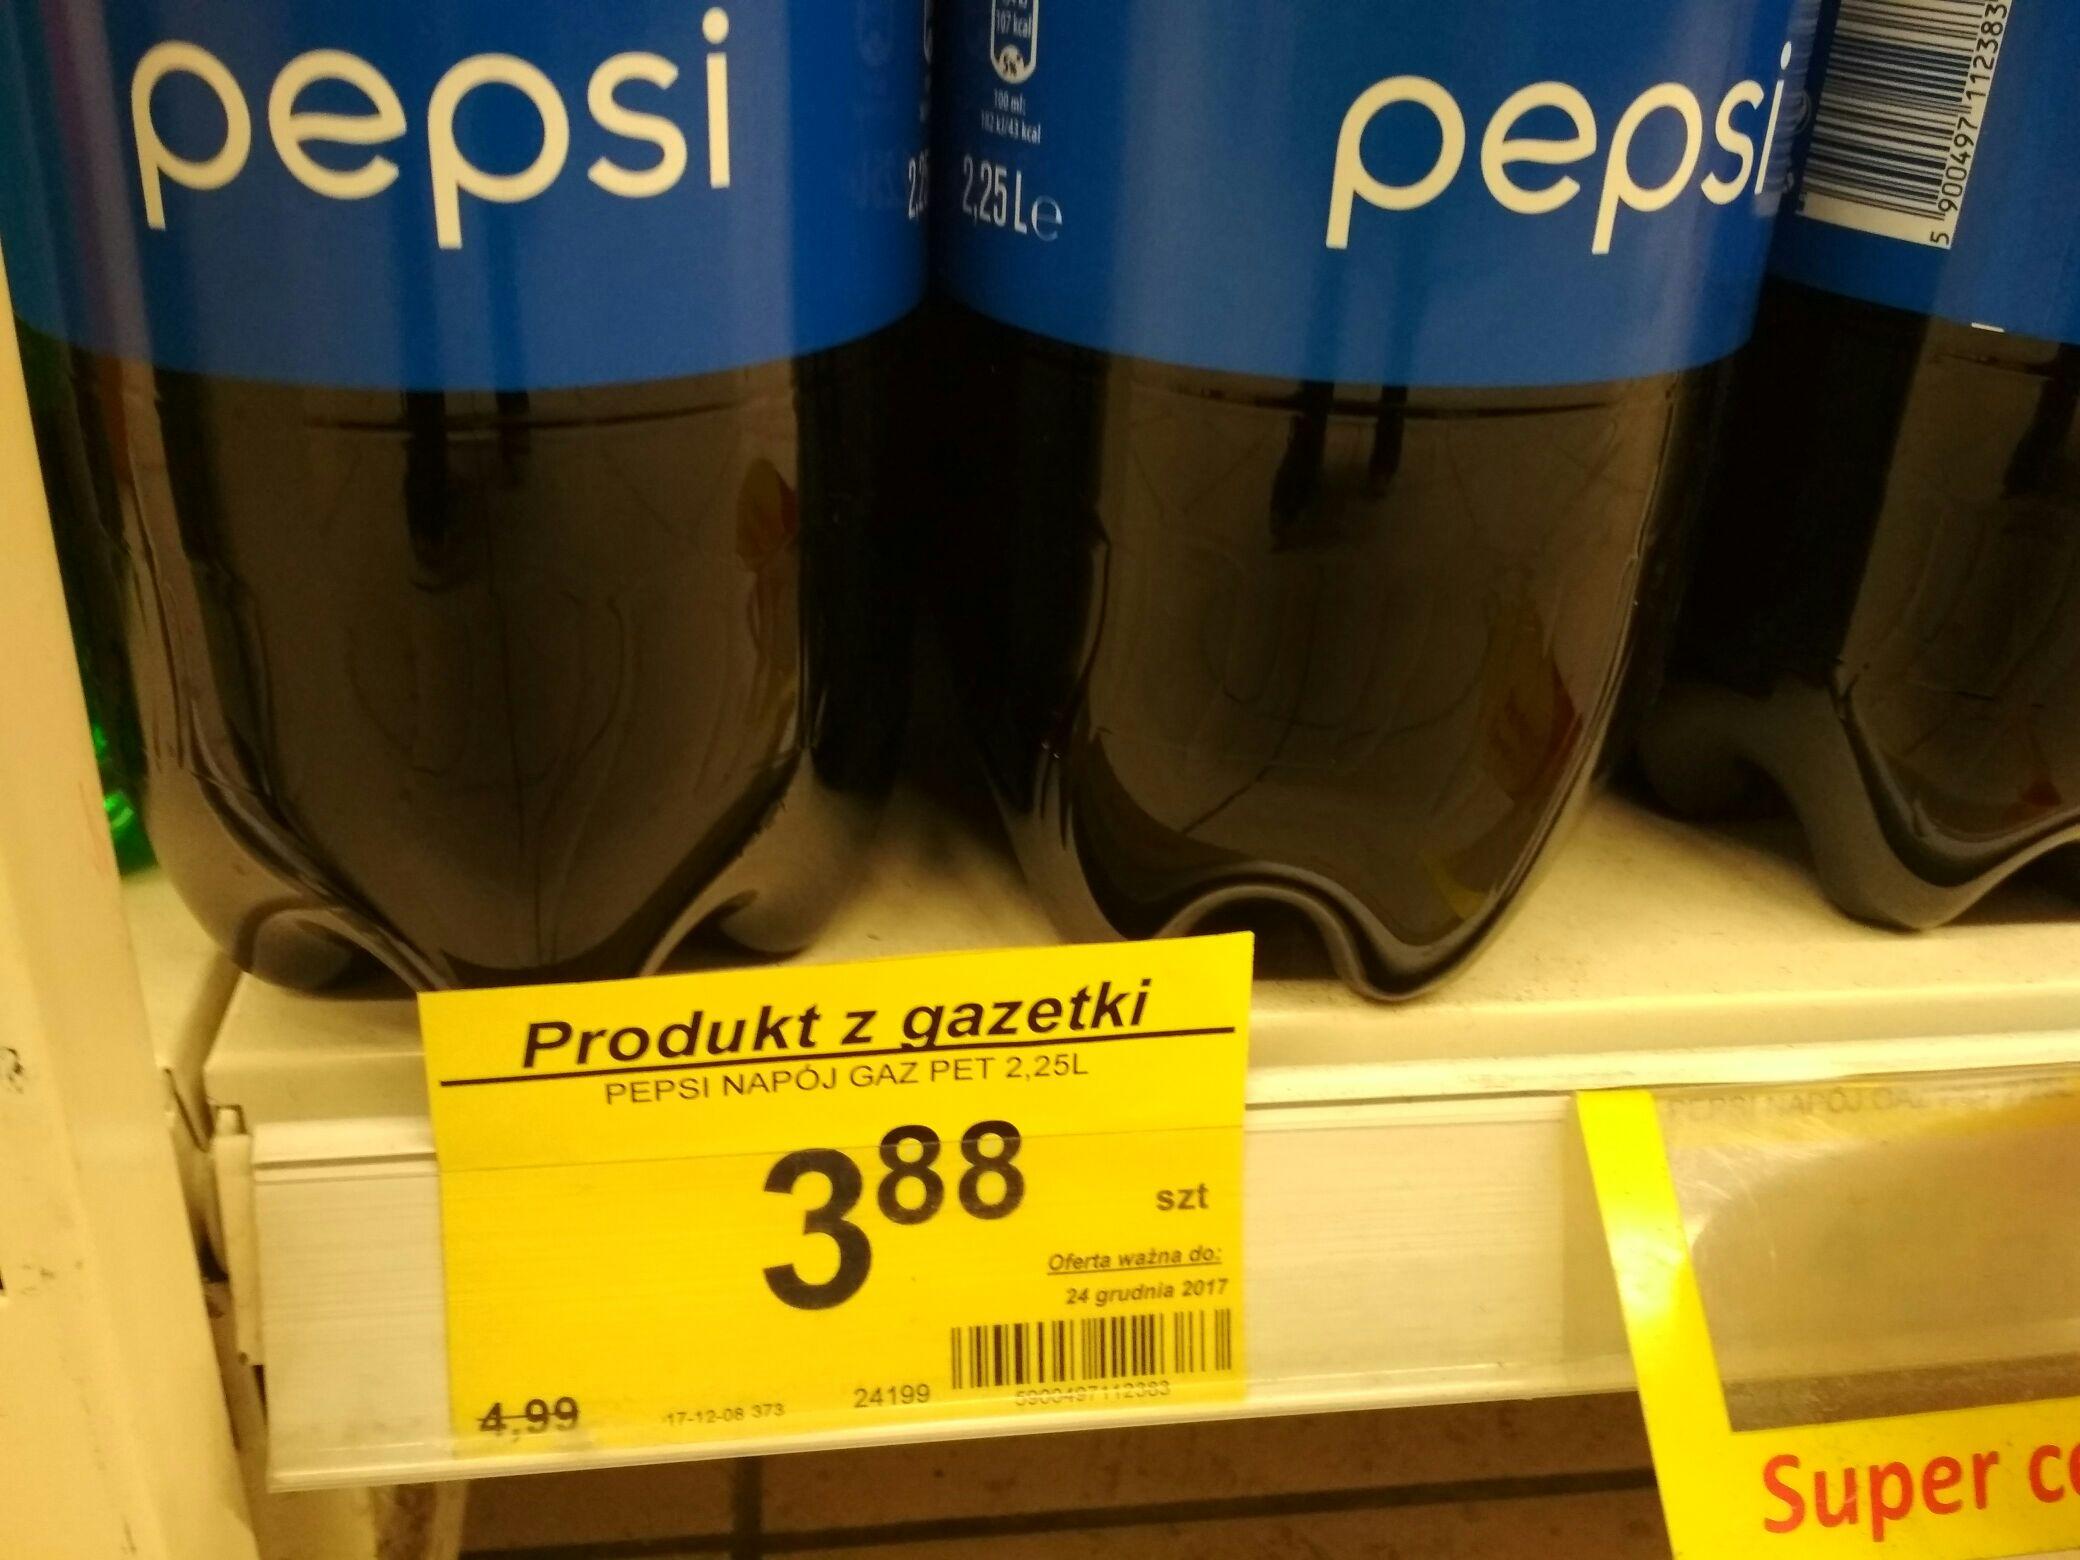 Pepsi 2,25L Lewiatan